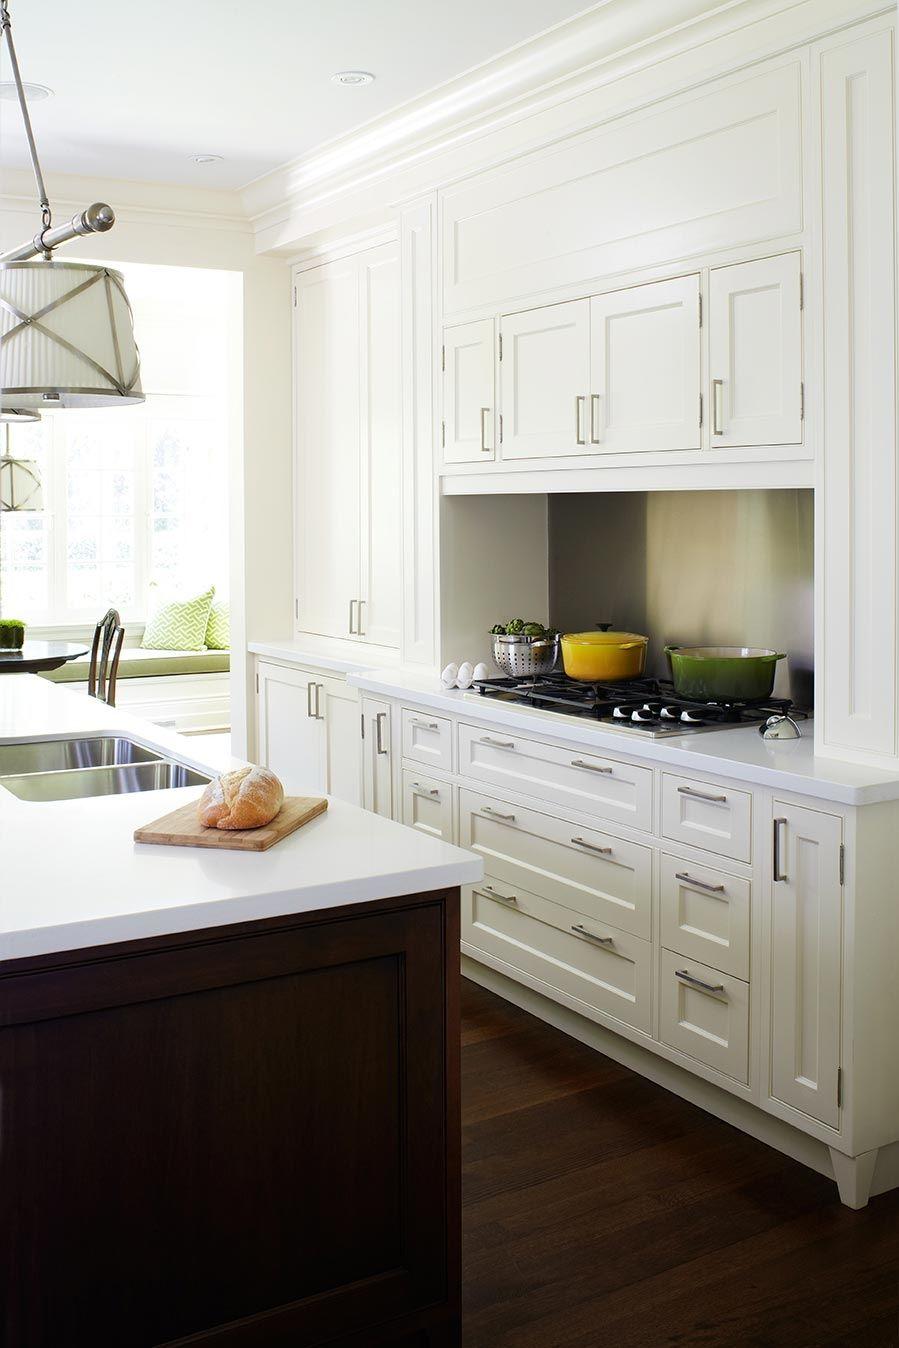 Ausgezeichnet Küchenschrank Redo Pinterest Zeitgenössisch - Ideen ...